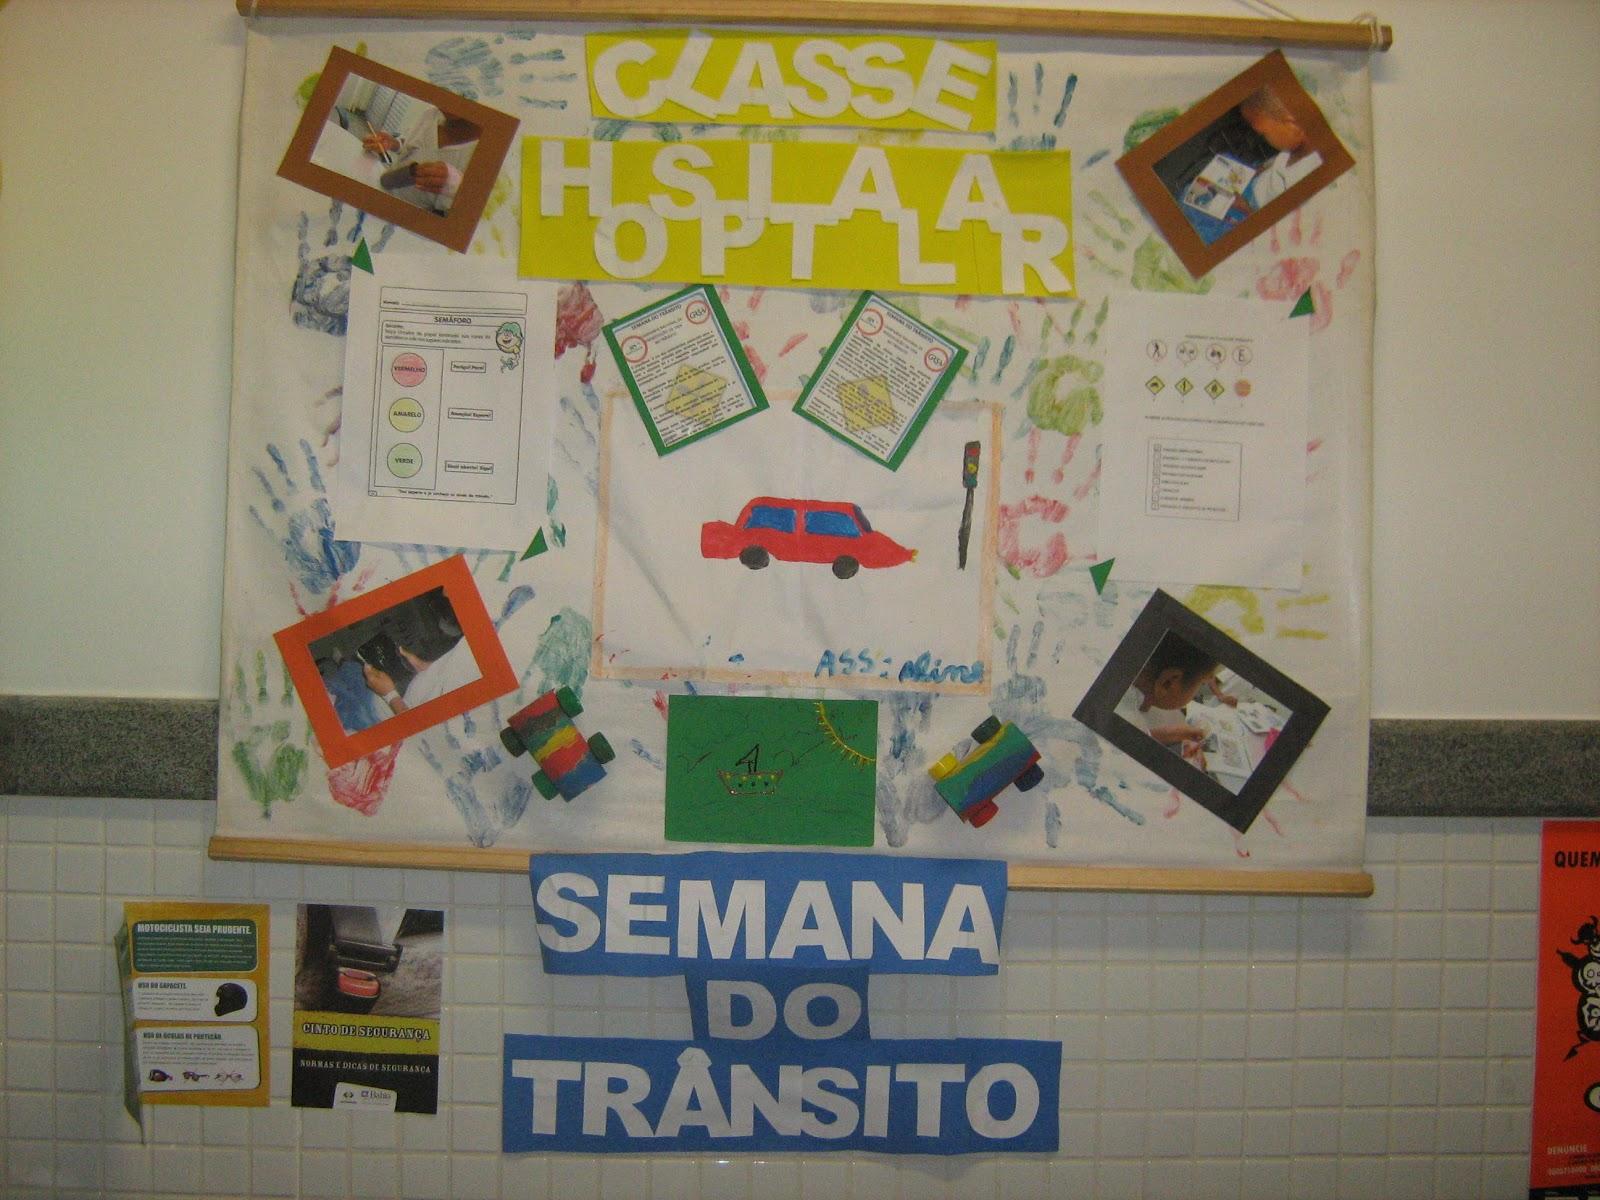 Classe hospitalar educa o e servi o social agosto 2012 for Mural sobre o transito